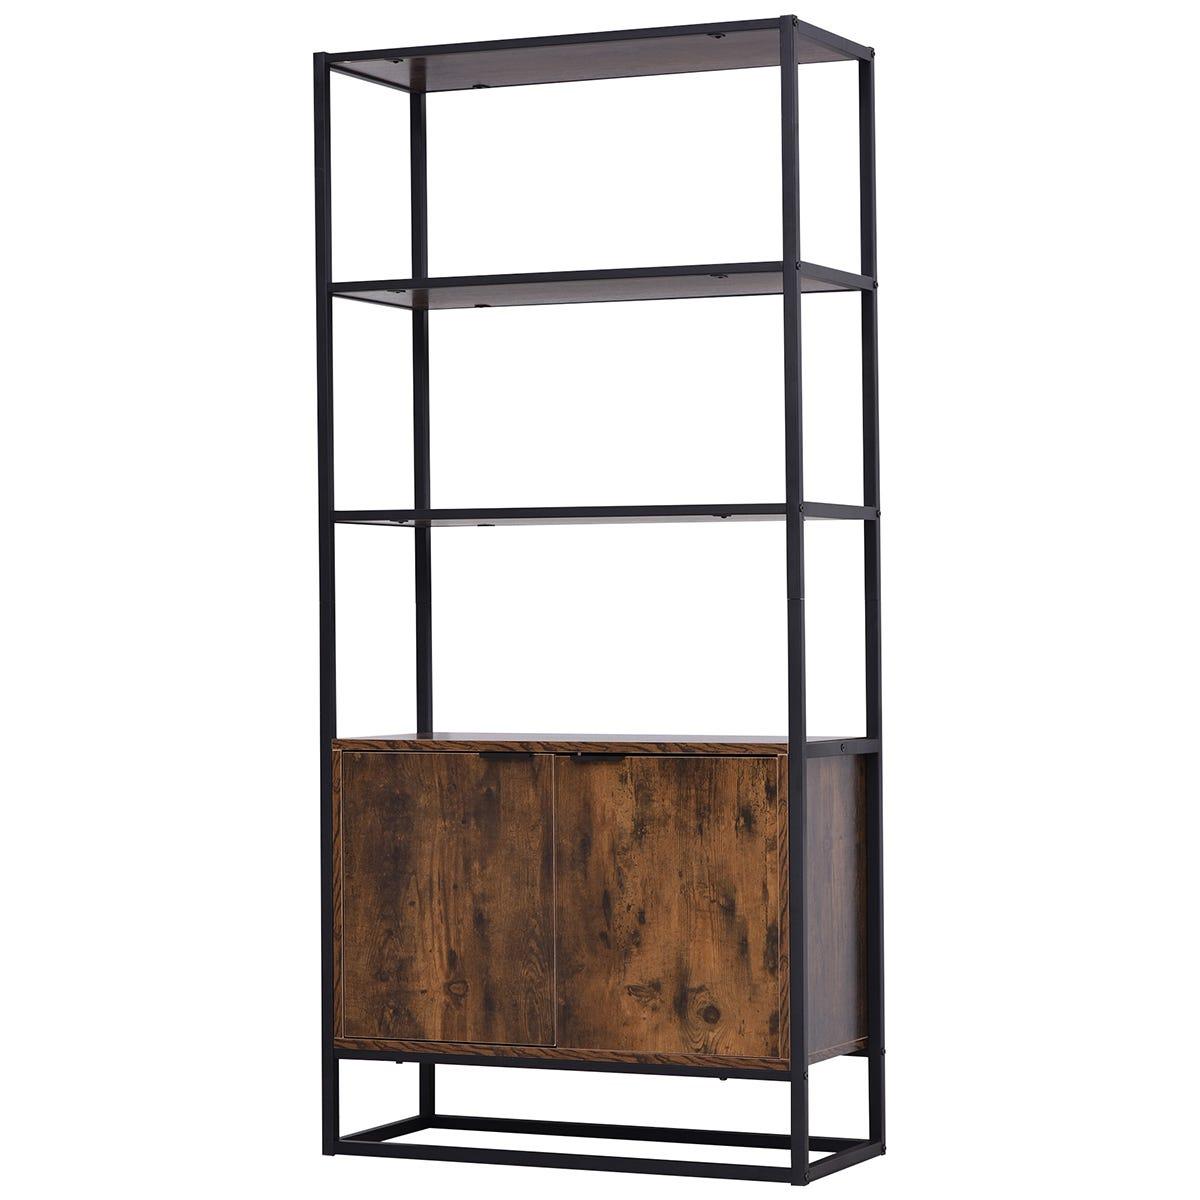 Solstice Echelon 4 Tier Display Shelf Cabinet - Brown/Black